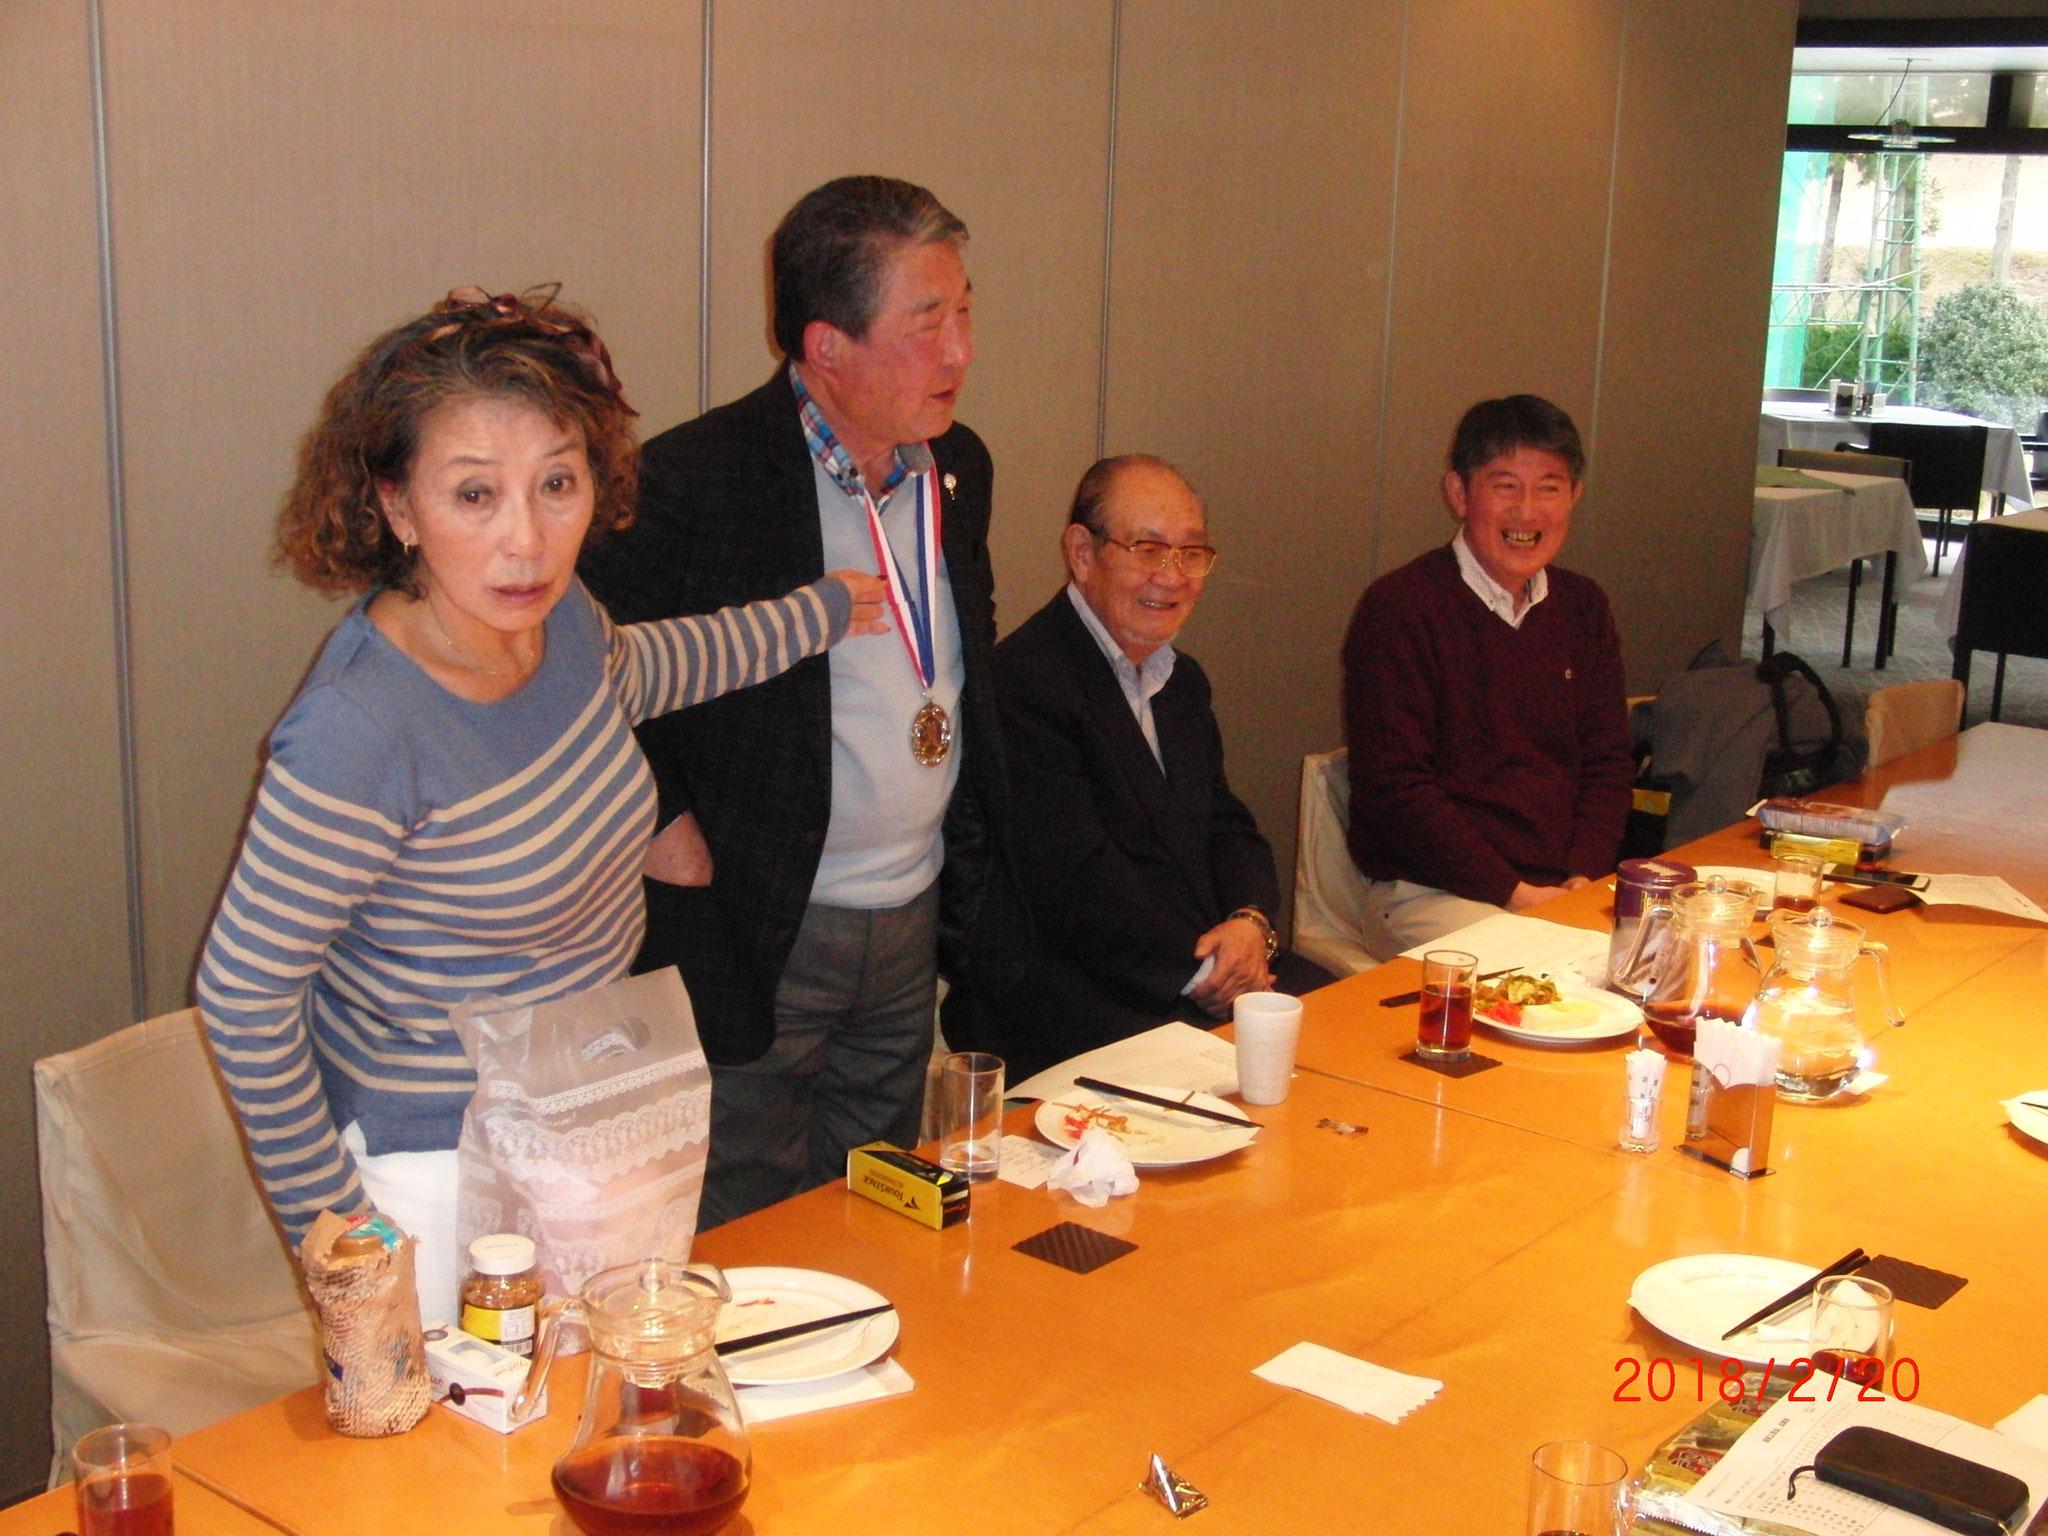 パーティ 小宮さん、徳光さん、鈴木さん、ニアピンの林さん、